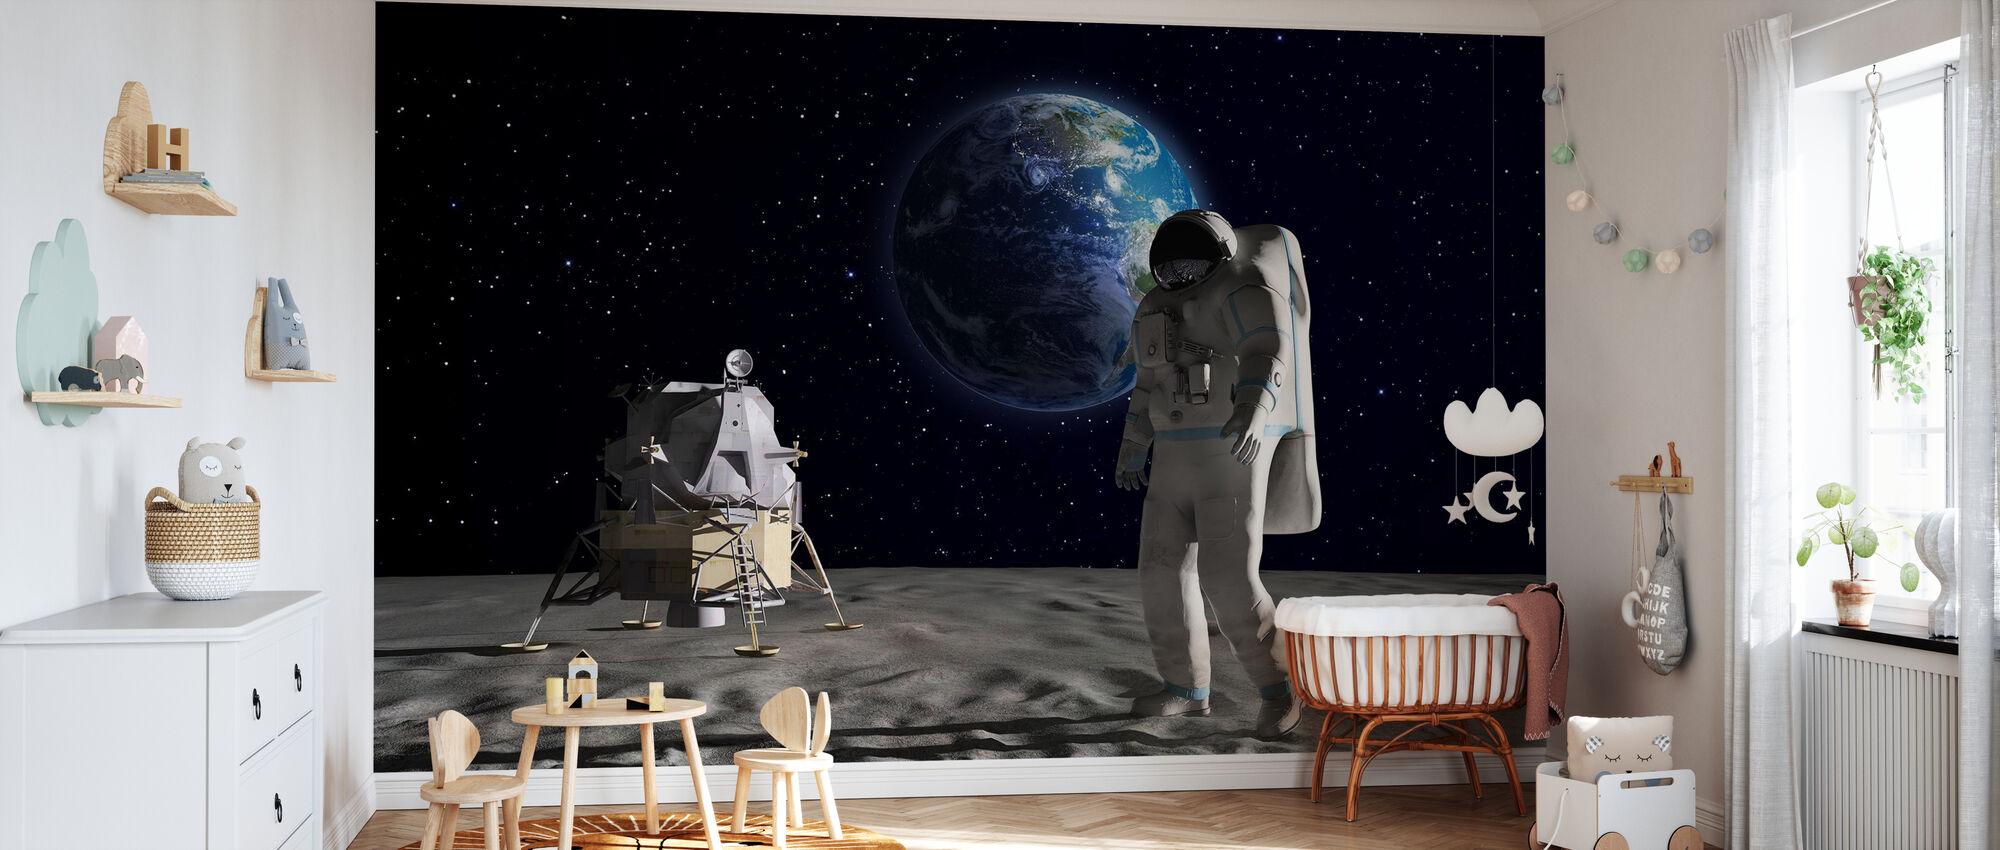 Astronaut on the Moon 2 - Wallpaper - Nursery